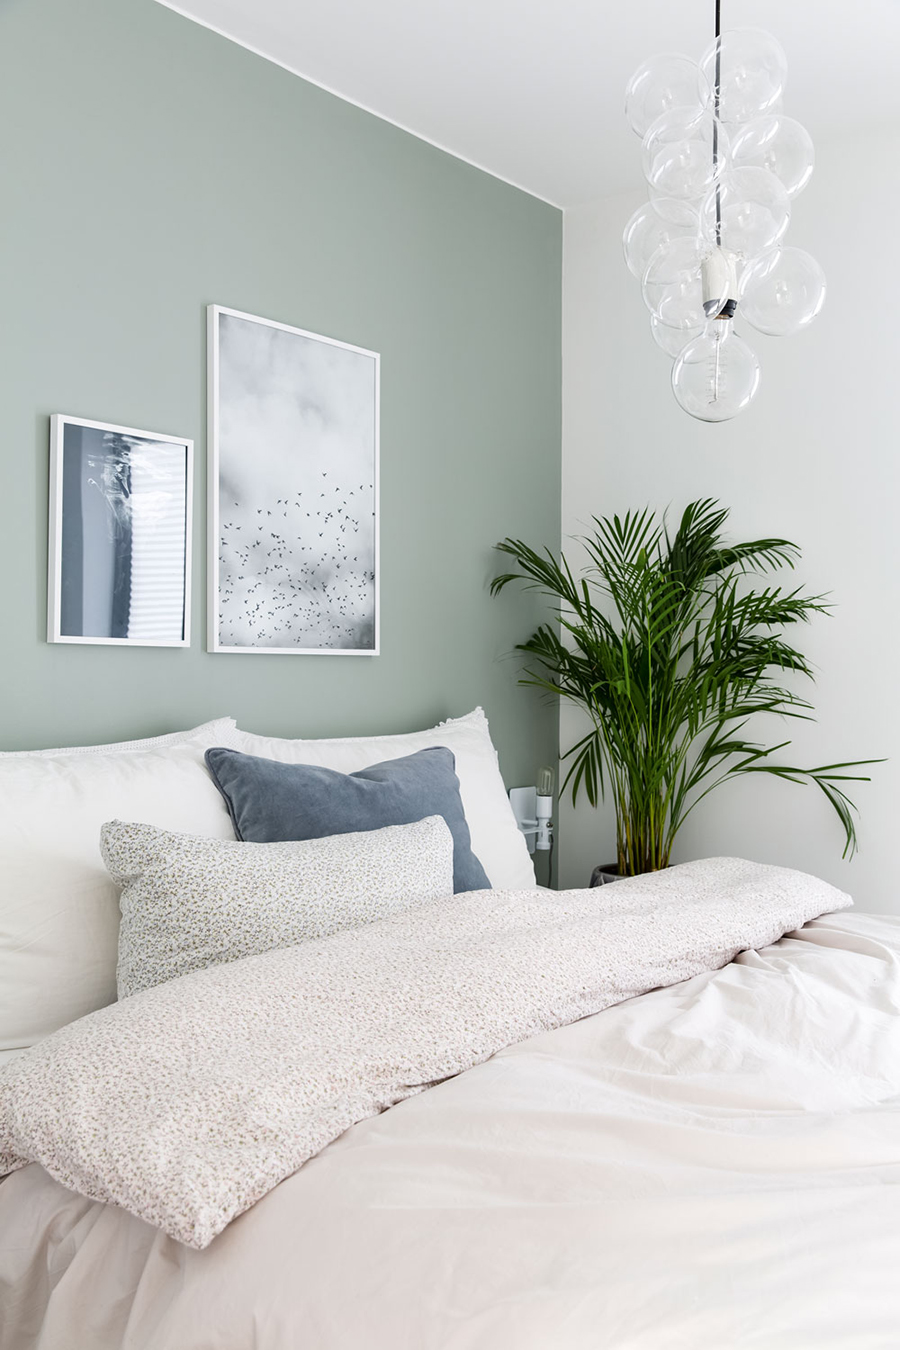 Dormitorio con ropa de cama blanca y una pared verde grisáceo muy claro, para que se vea más amplio e iluminado